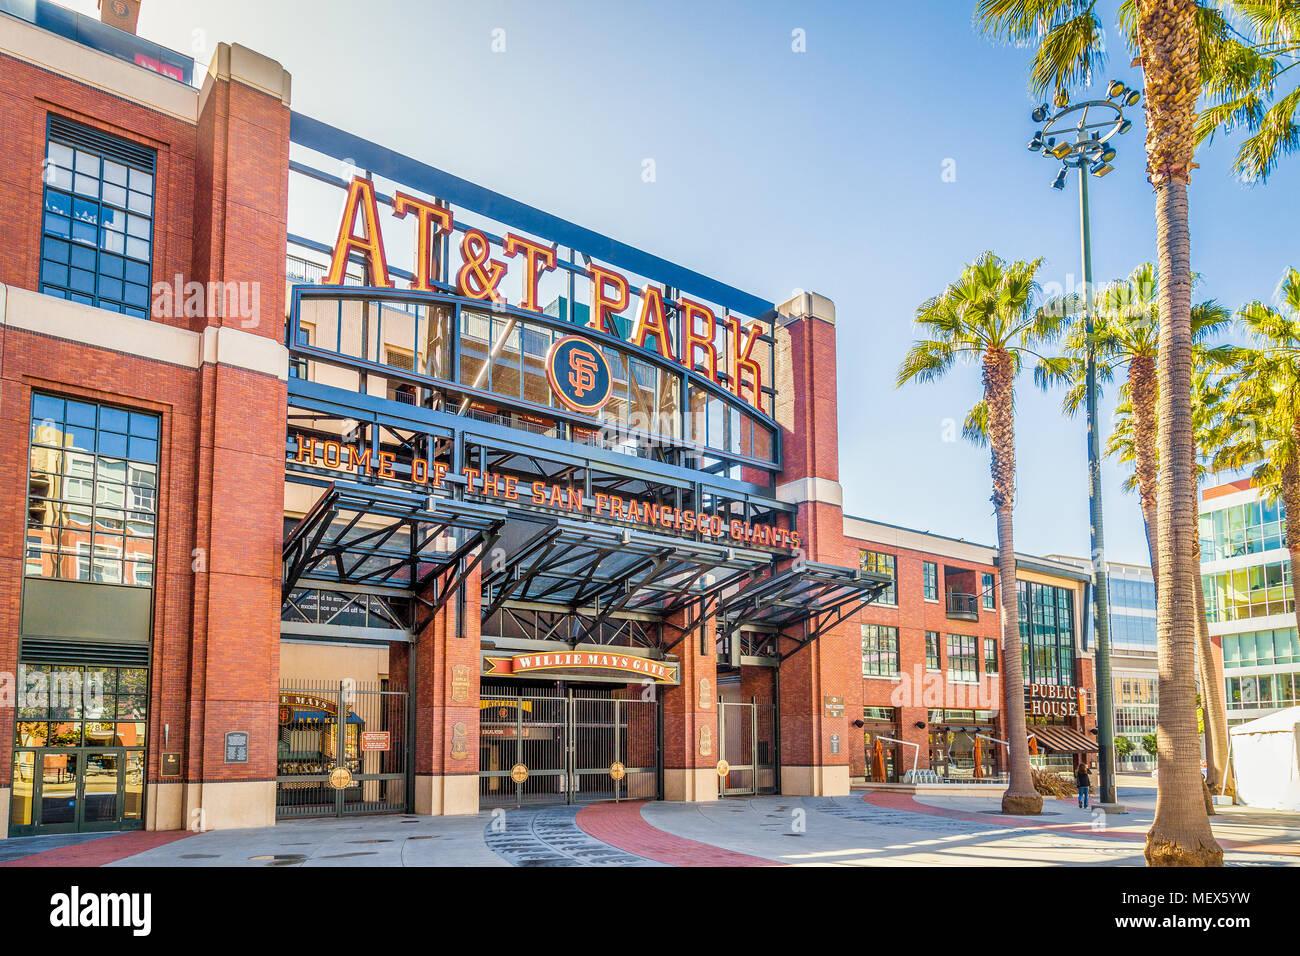 Vue panoramique de la ville historique de AT&T Park baseball park, stade des San Francisco Giants, franchise de baseball professionnel lors d'une journée ensoleillée en été Photo Stock